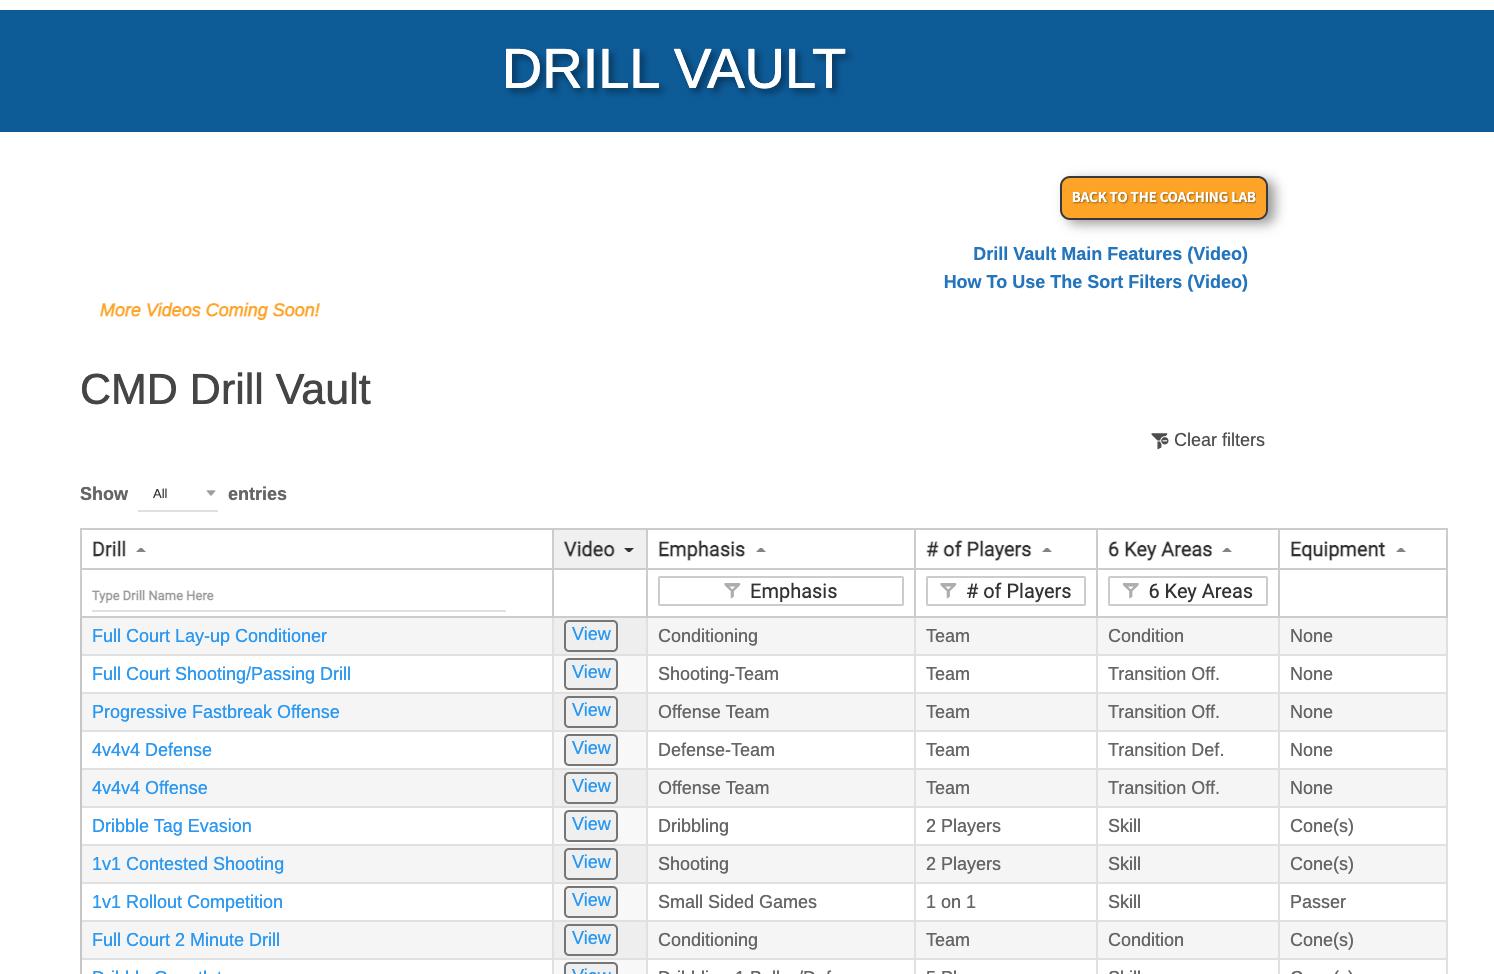 Drill Vault 1